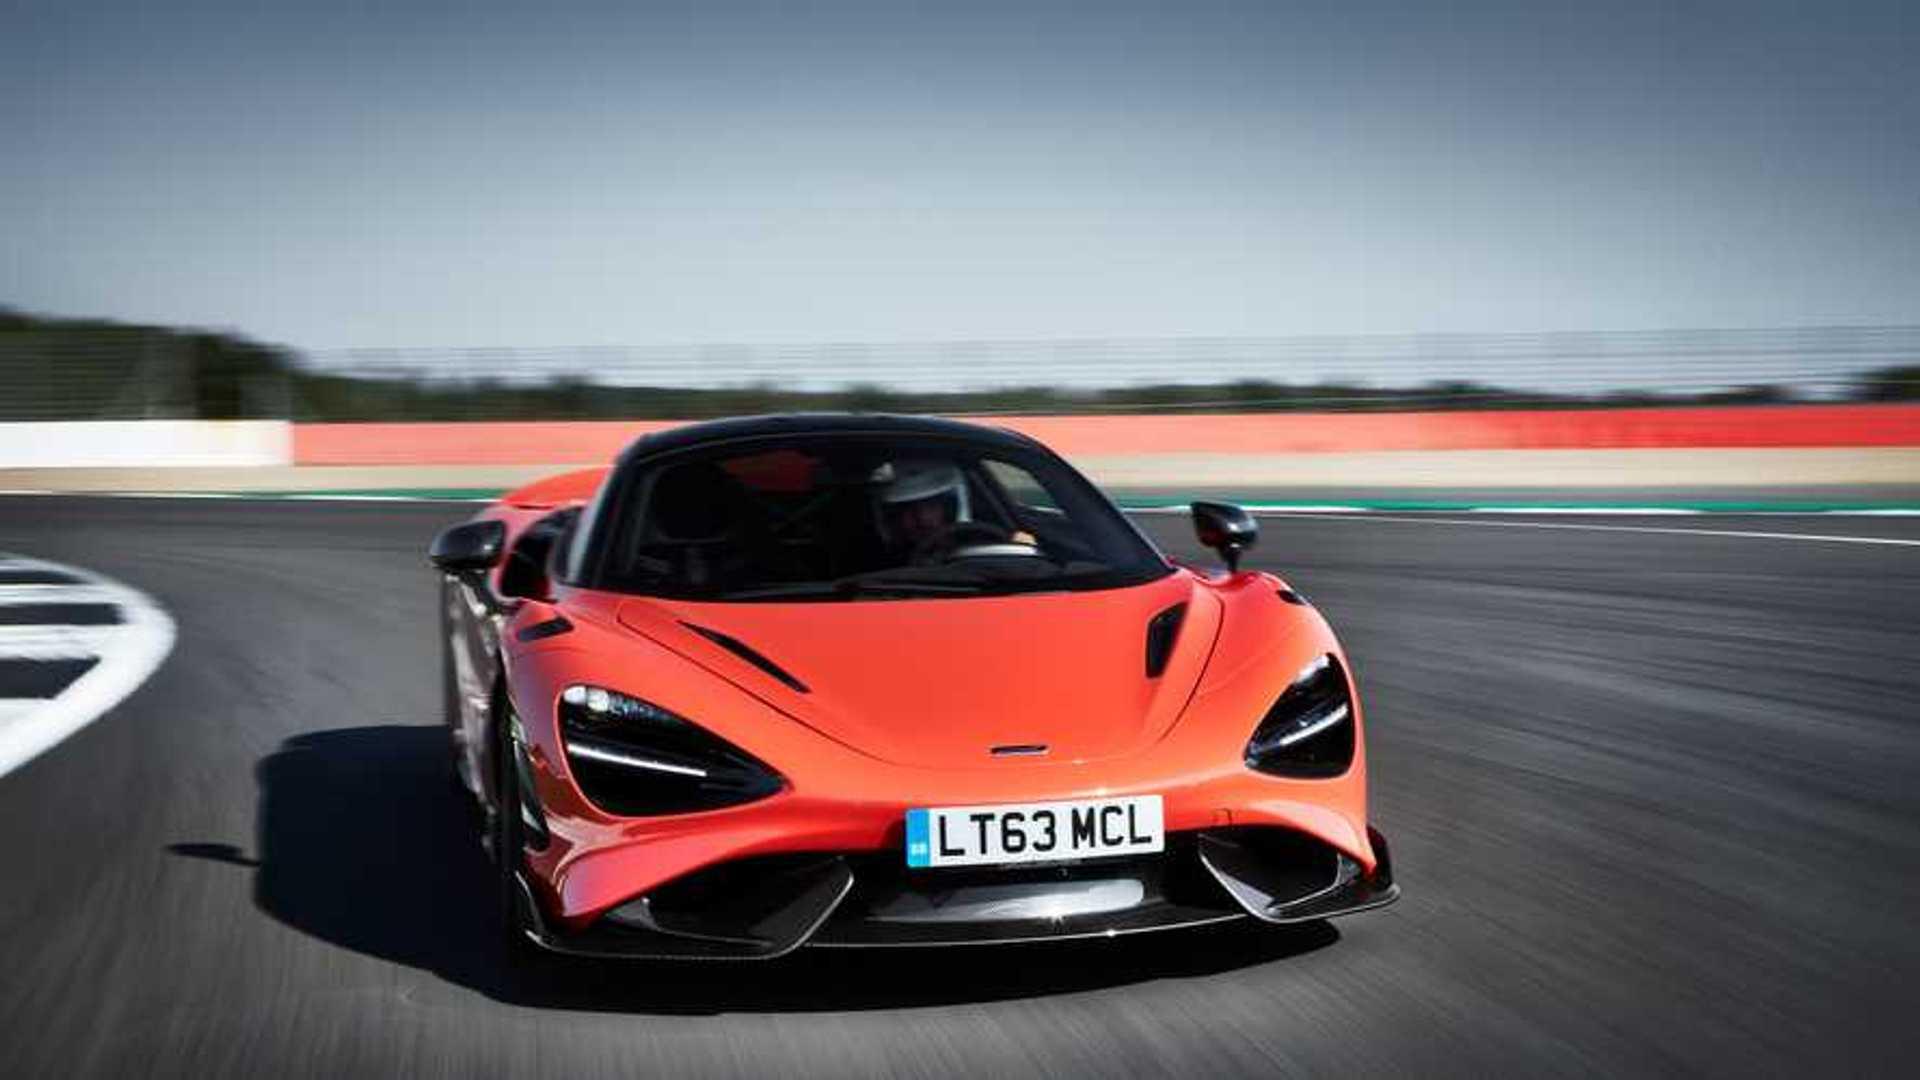 2021 McLaren 765LT front turn action